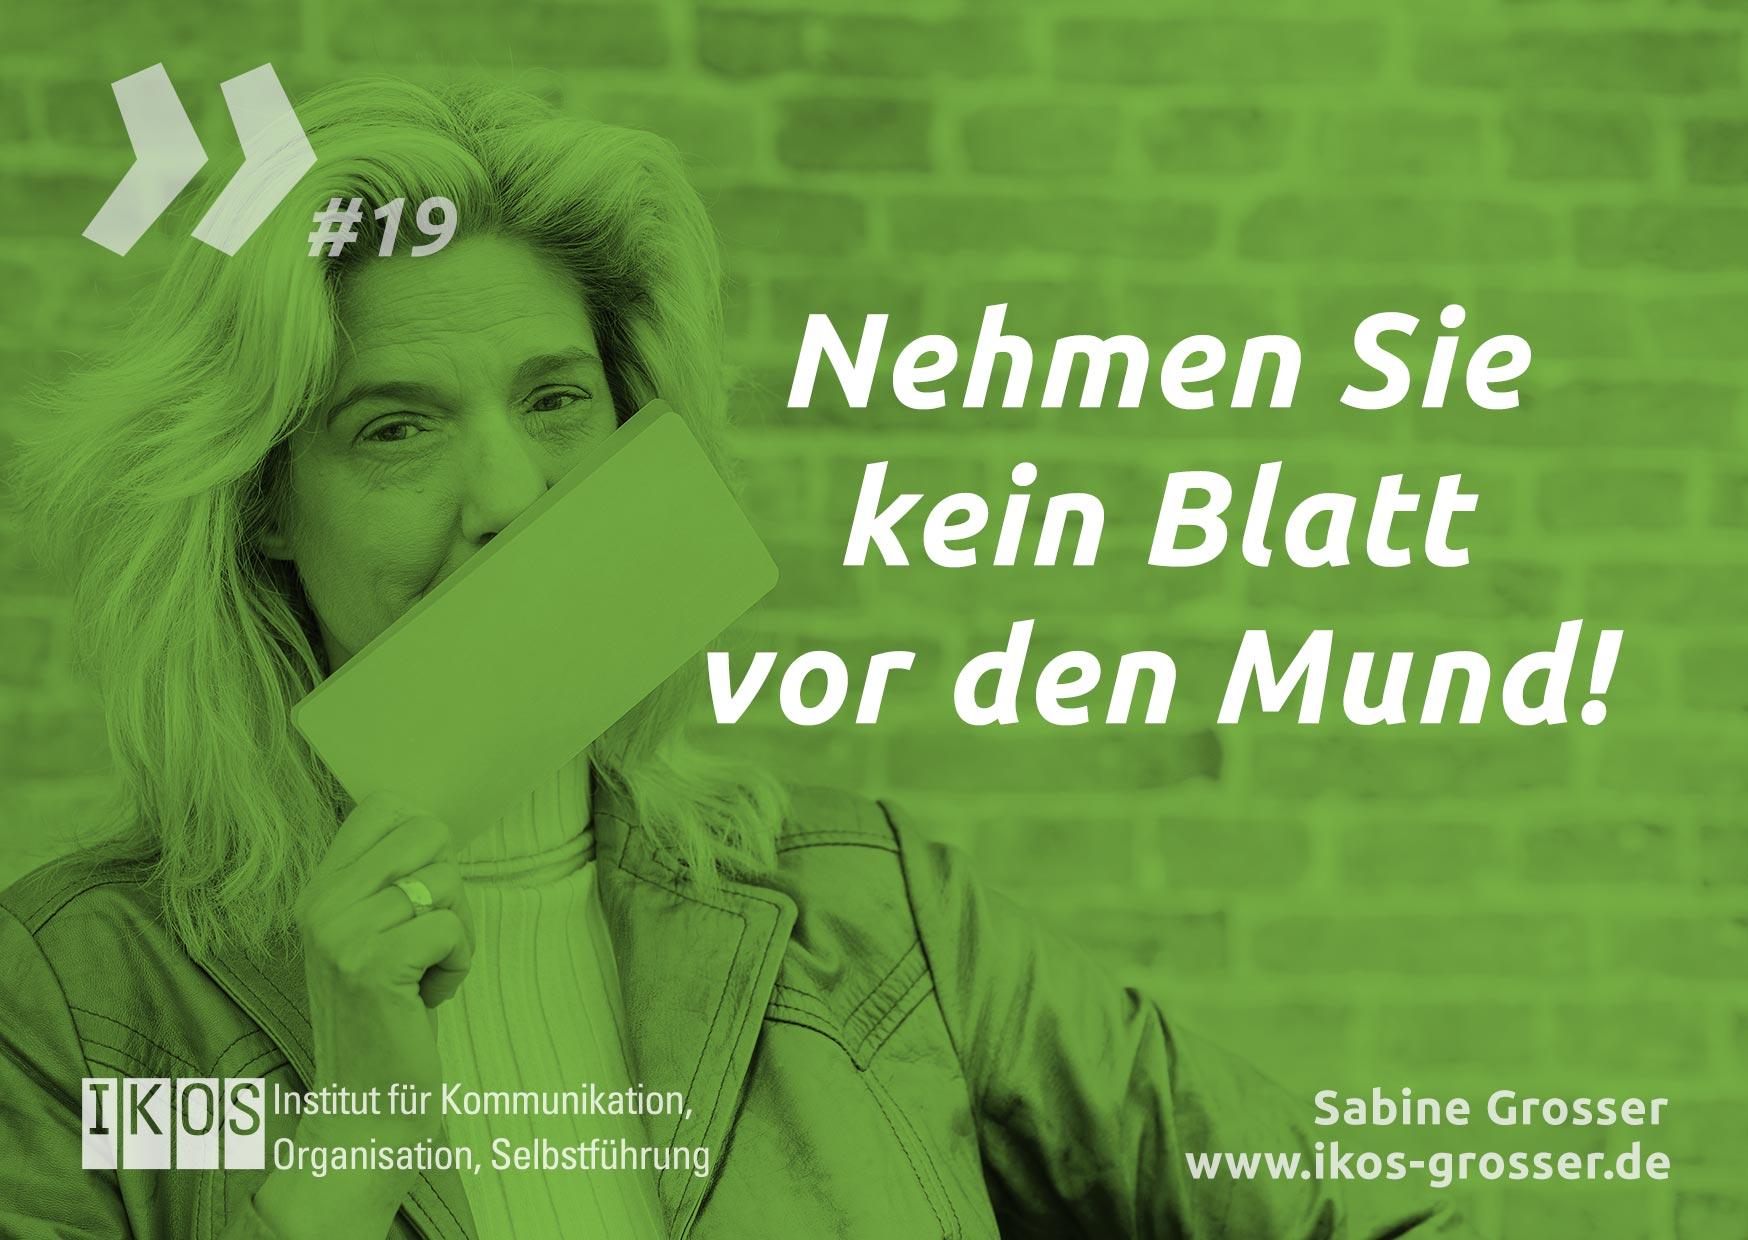 Sabine Grosser Zitat: Nehmen Sie kein Blatt vor den Mund!